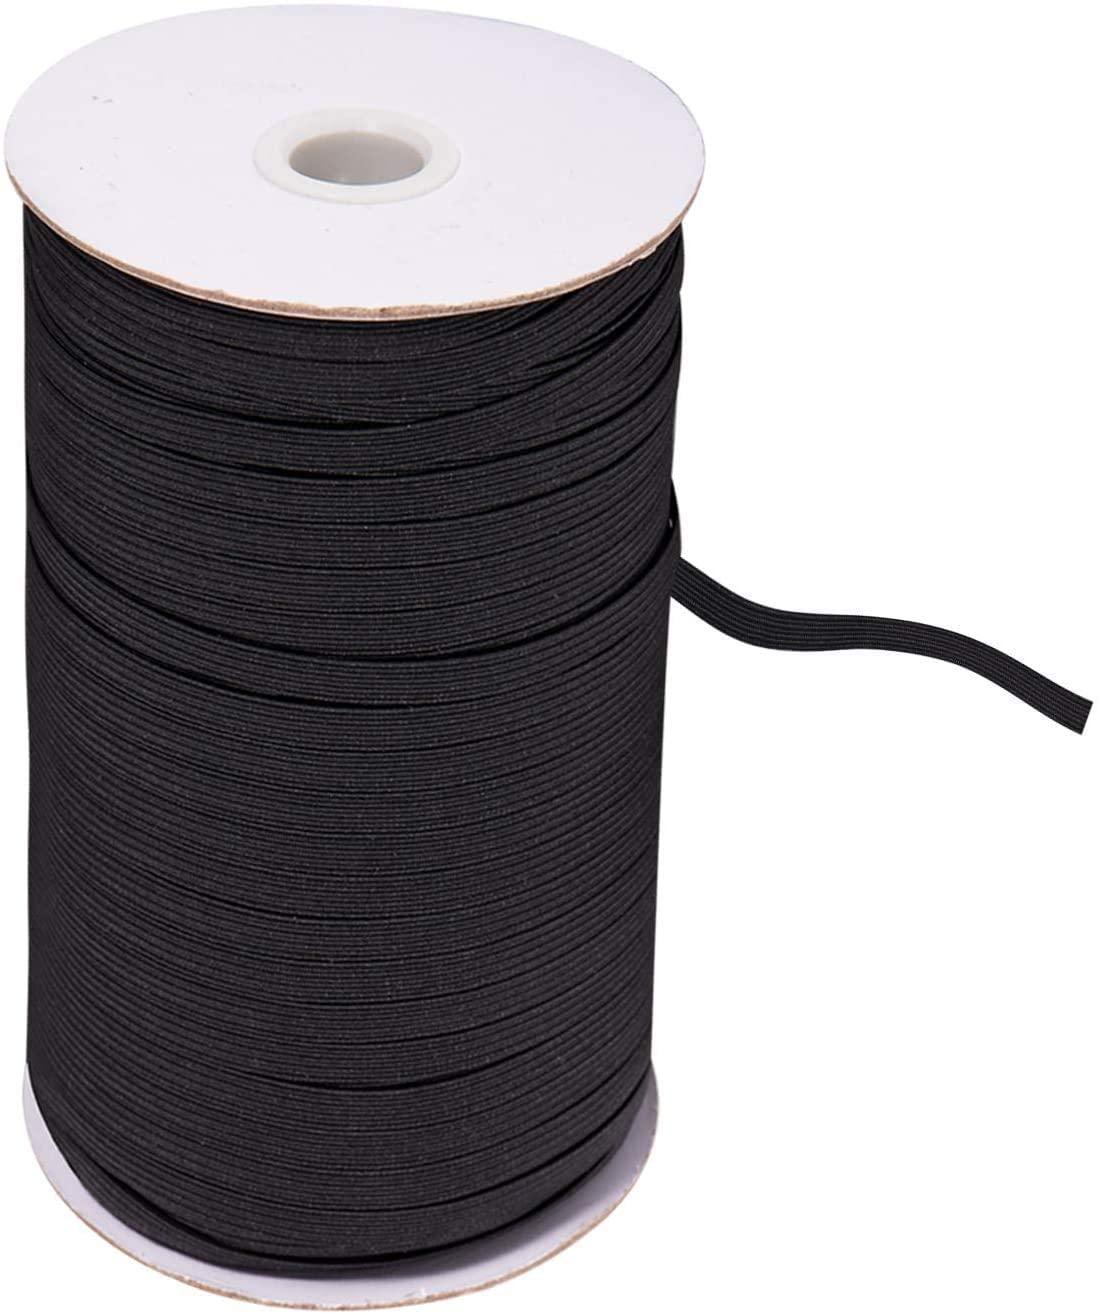 Elastic-Band-100-Yard-Black-Stretch-Cord-Heavy-Sewing-1/3 inch (Black-8mm, 100Y)